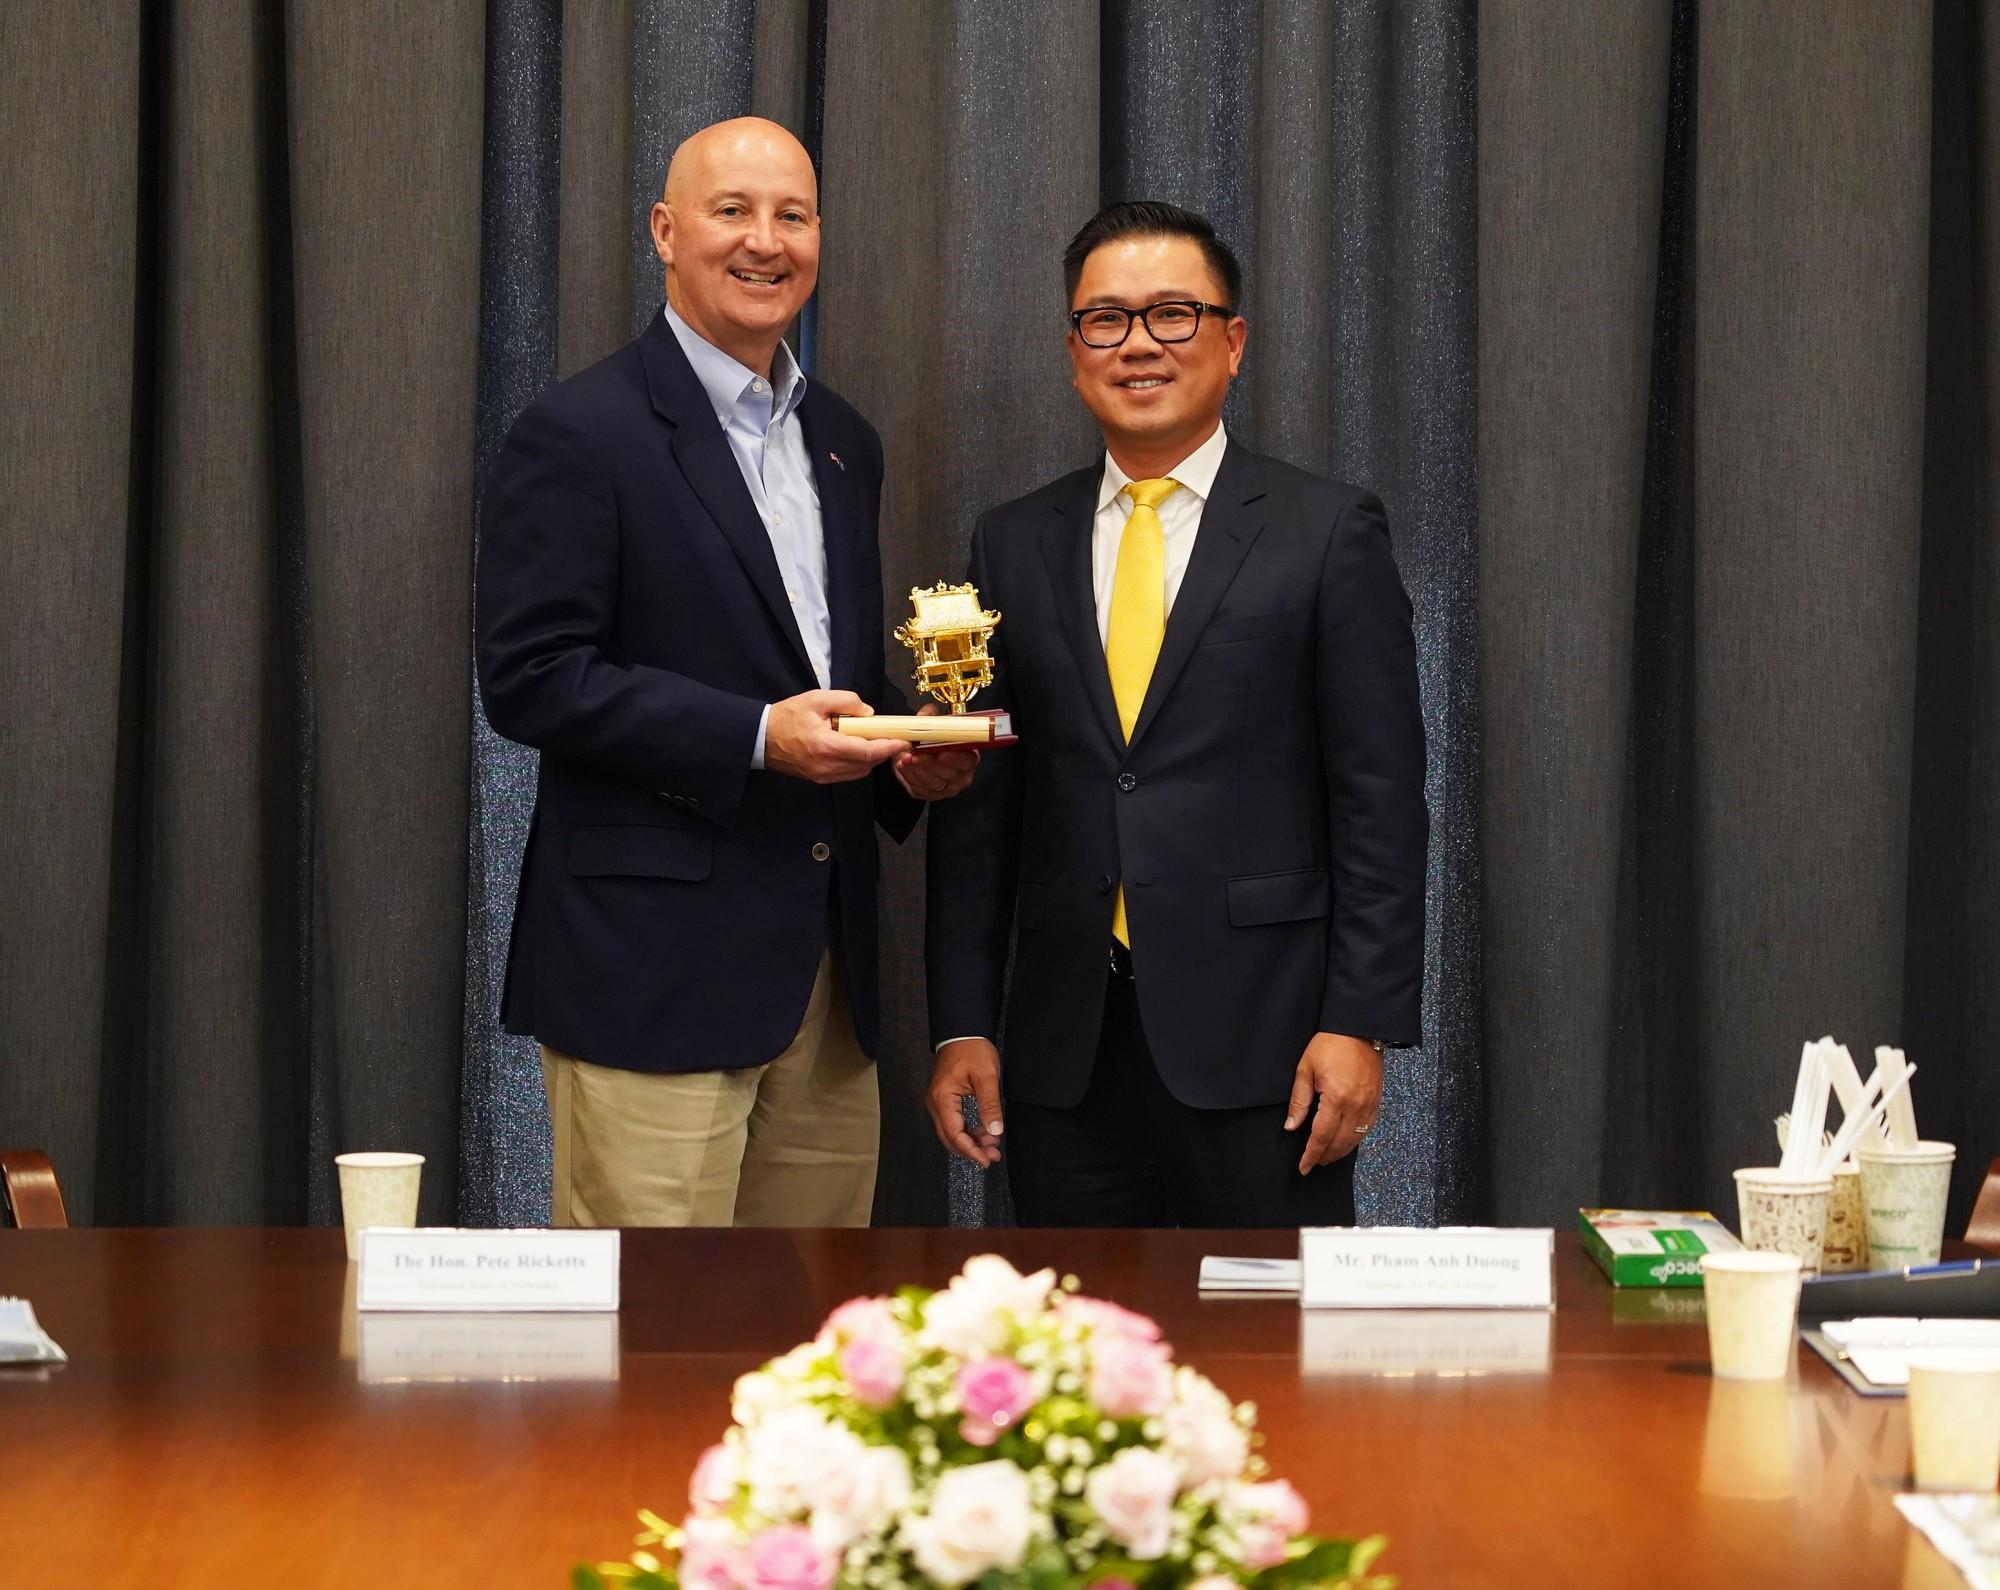 Chu tich An Phat Holdings tang qua thong doc bang Nebraska (1)